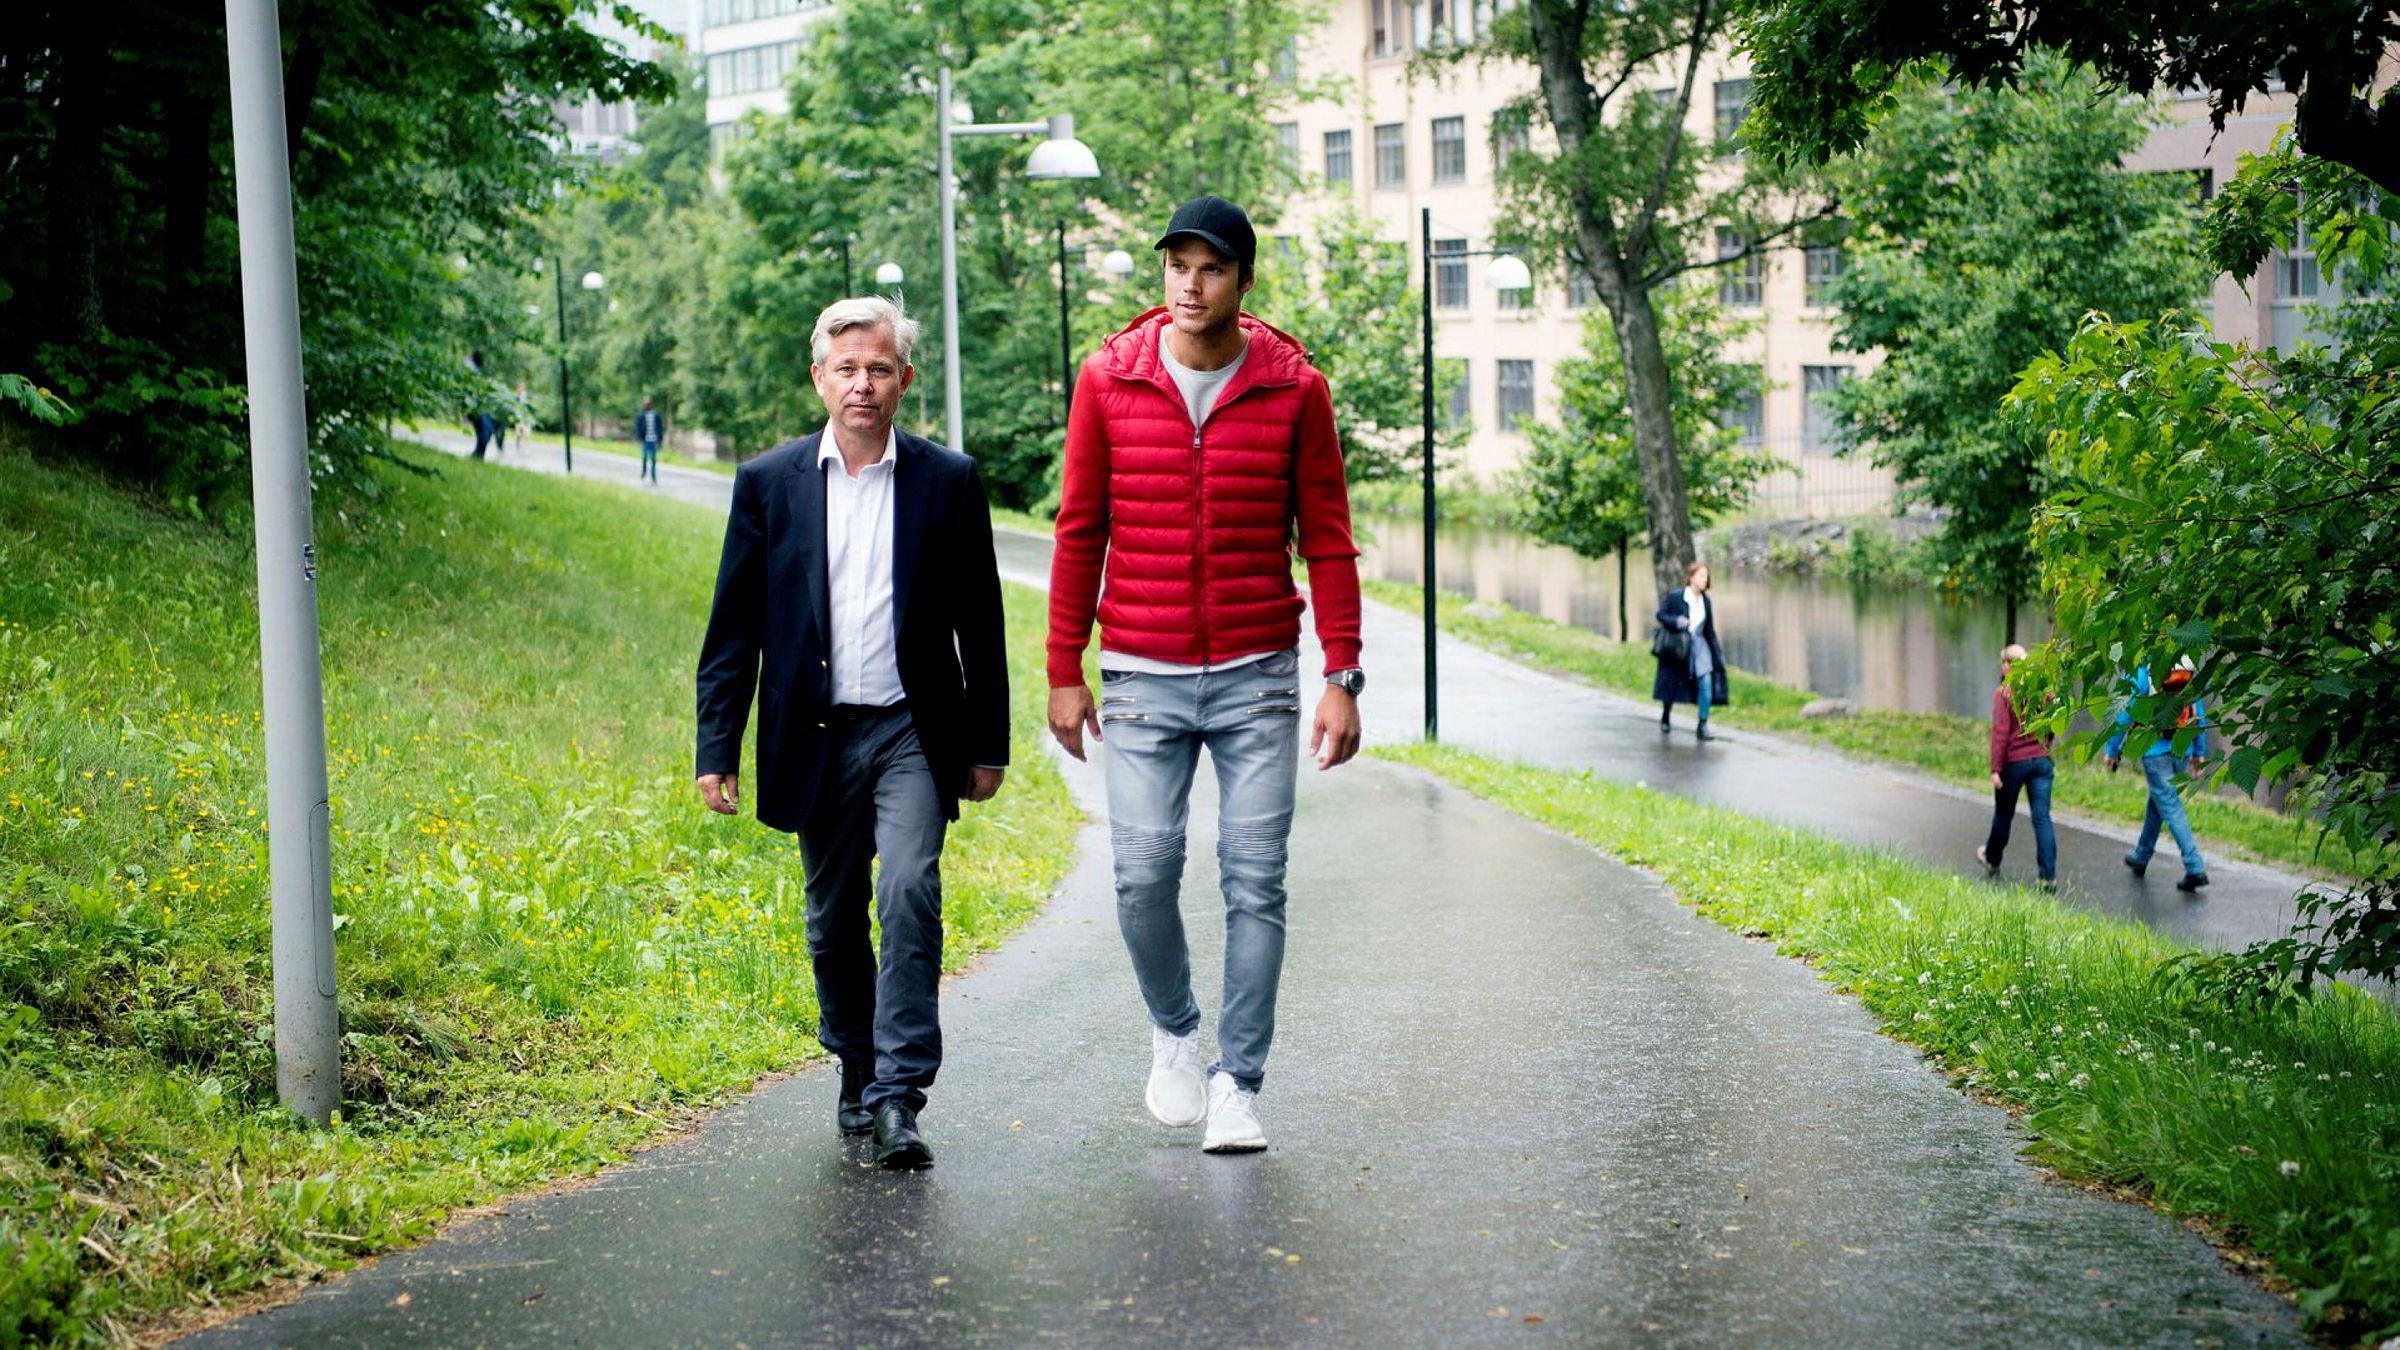 I fjor ville Nicolai Prydz og broren, rallysjåfør Andreas Mikkelsen (t.h.), samarbeide med Telenor om en app for sjåførdata. Nå går de til sak mot mobilkjempen.